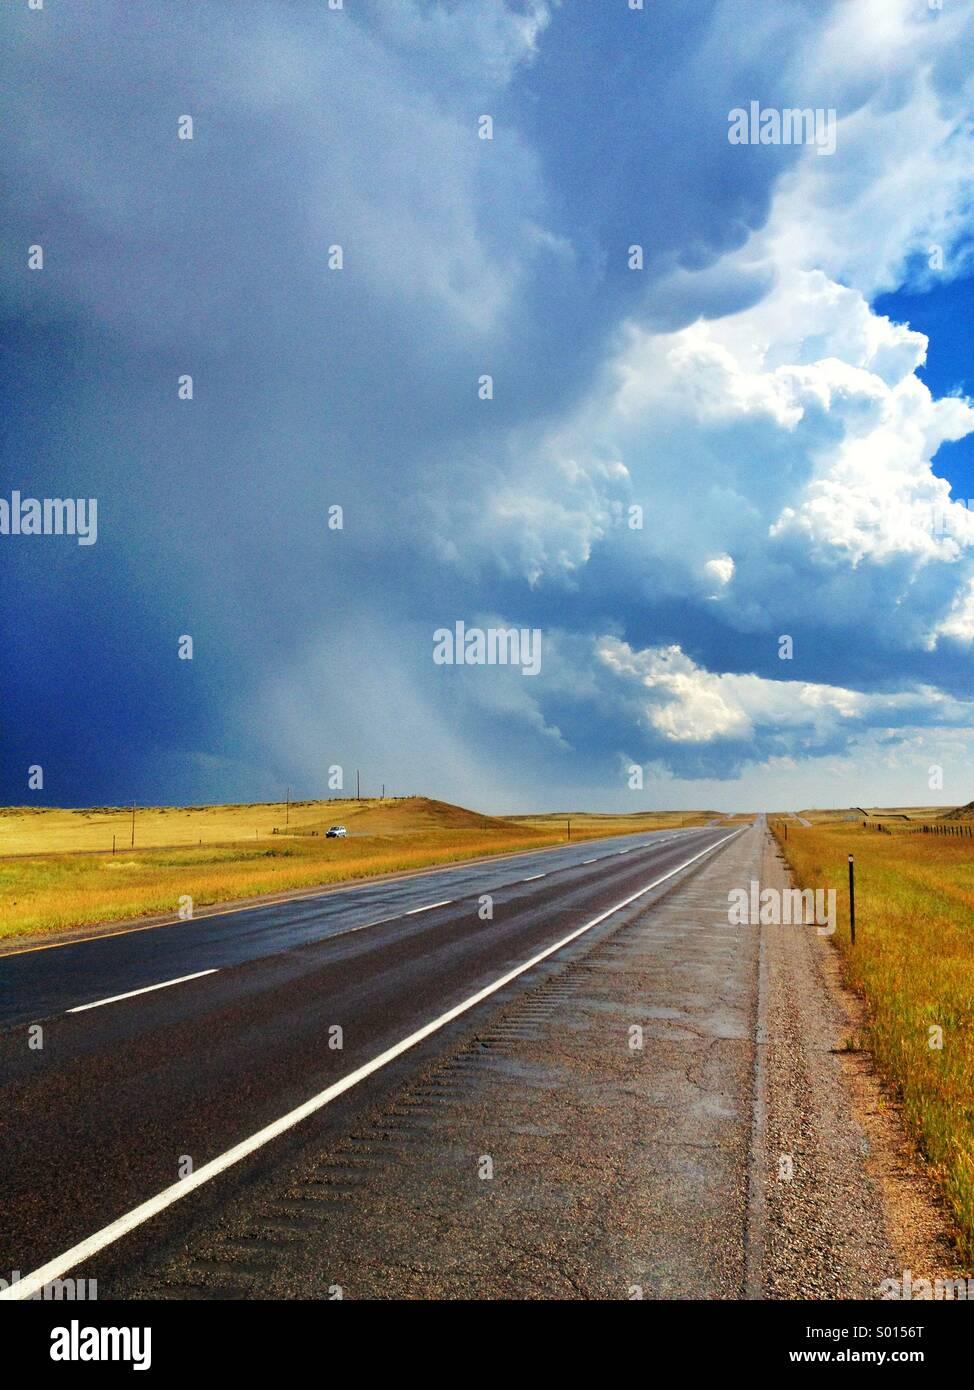 Autobahn während eines Sturms im Northern Colorado Stockbild